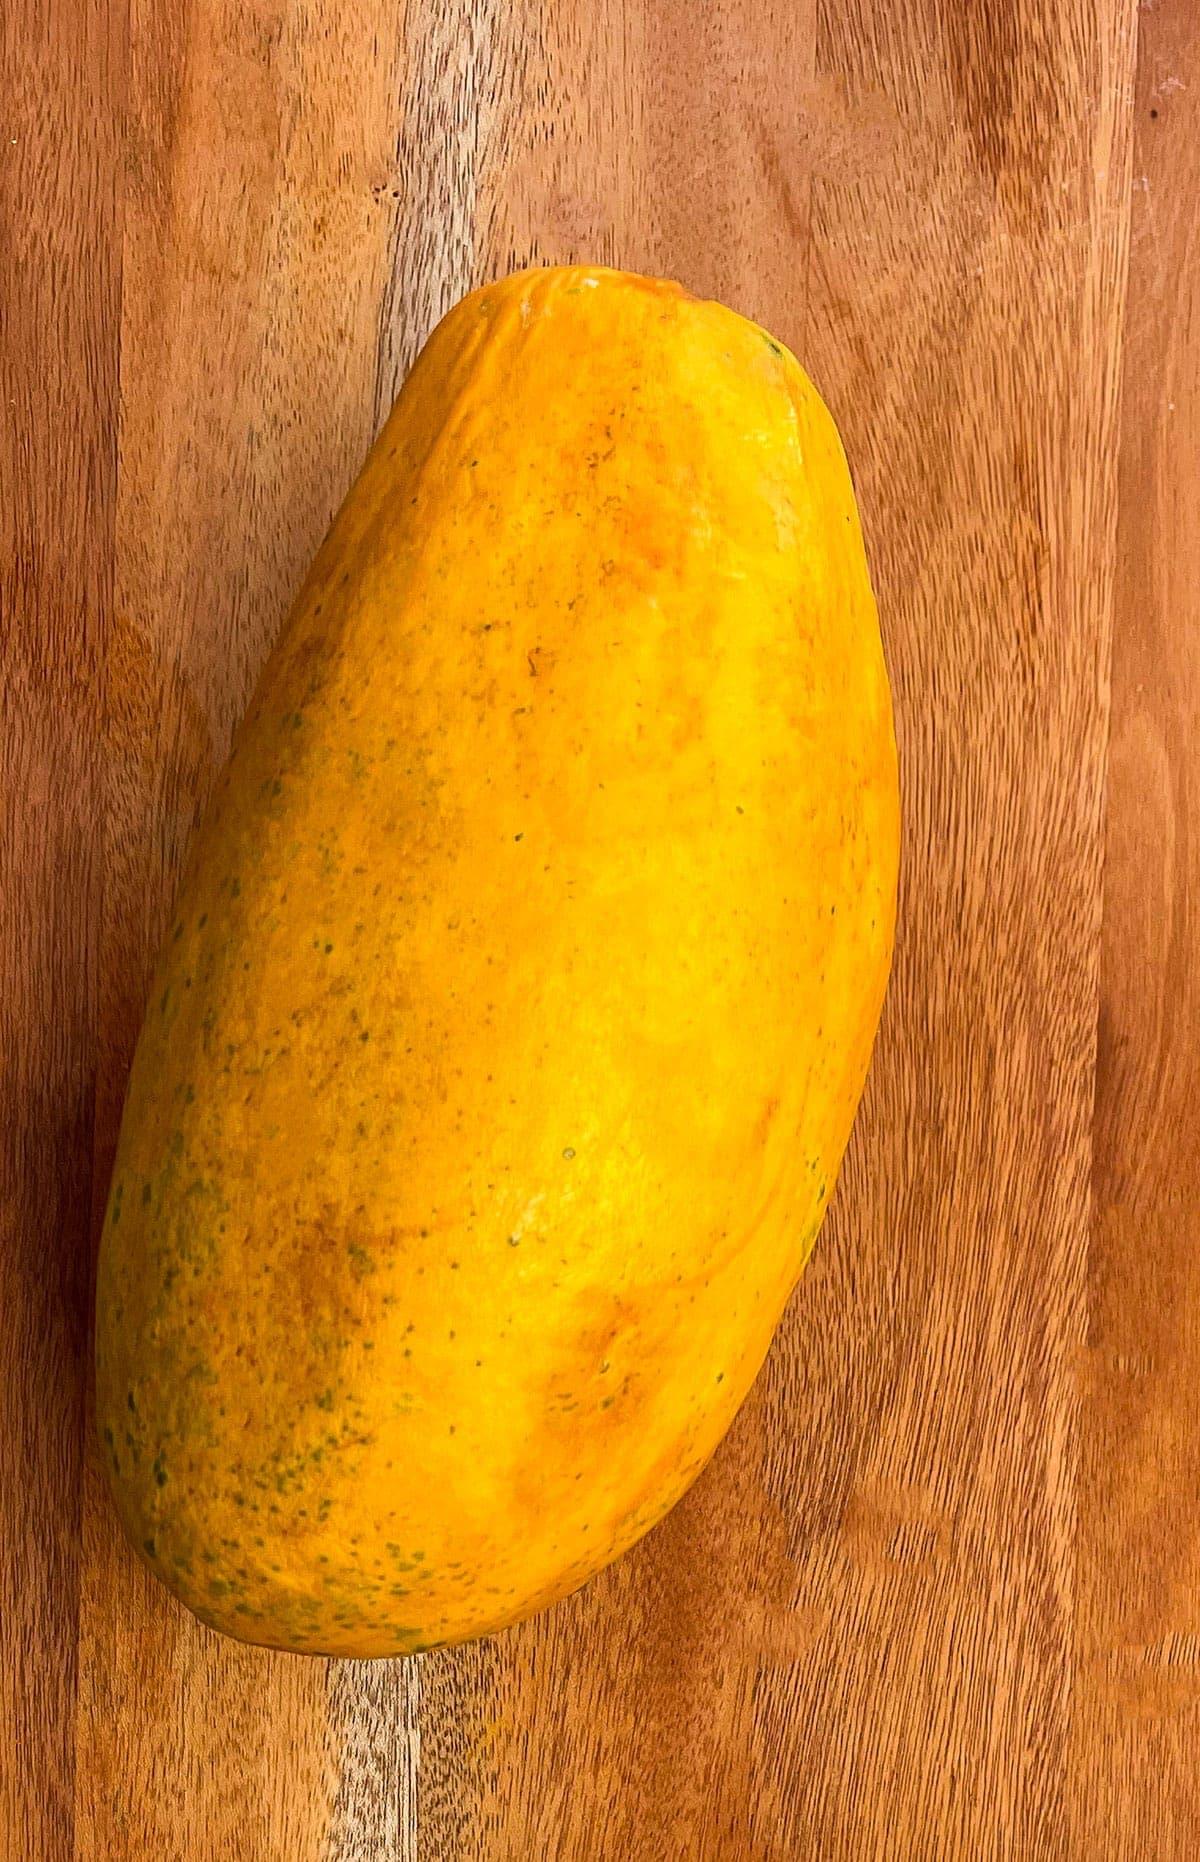 whole papaya fruit on a wooden background